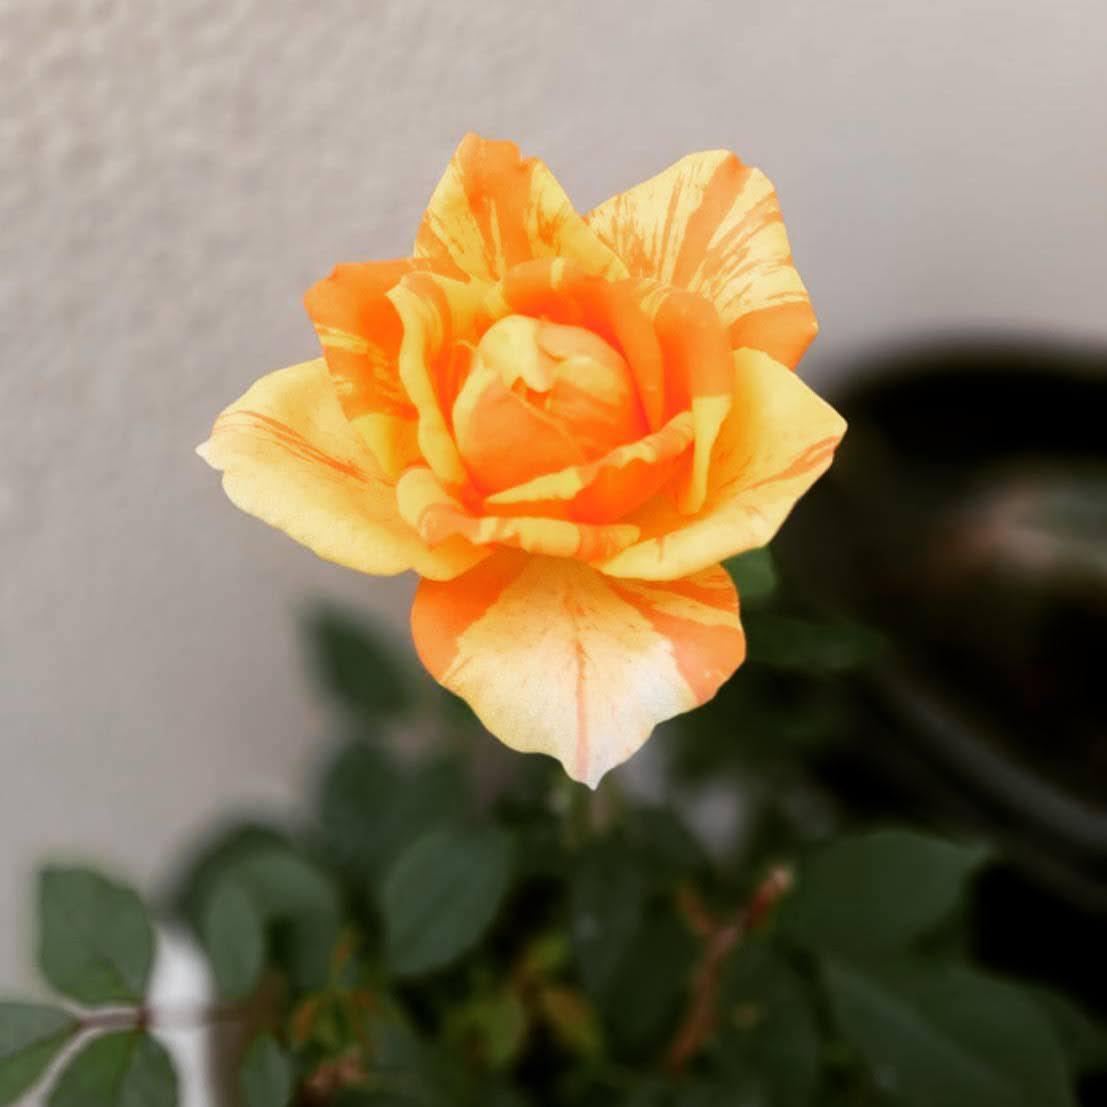 感謝の気持ちをこめて、きのうテラスに咲いたバラの花を載せておきます!